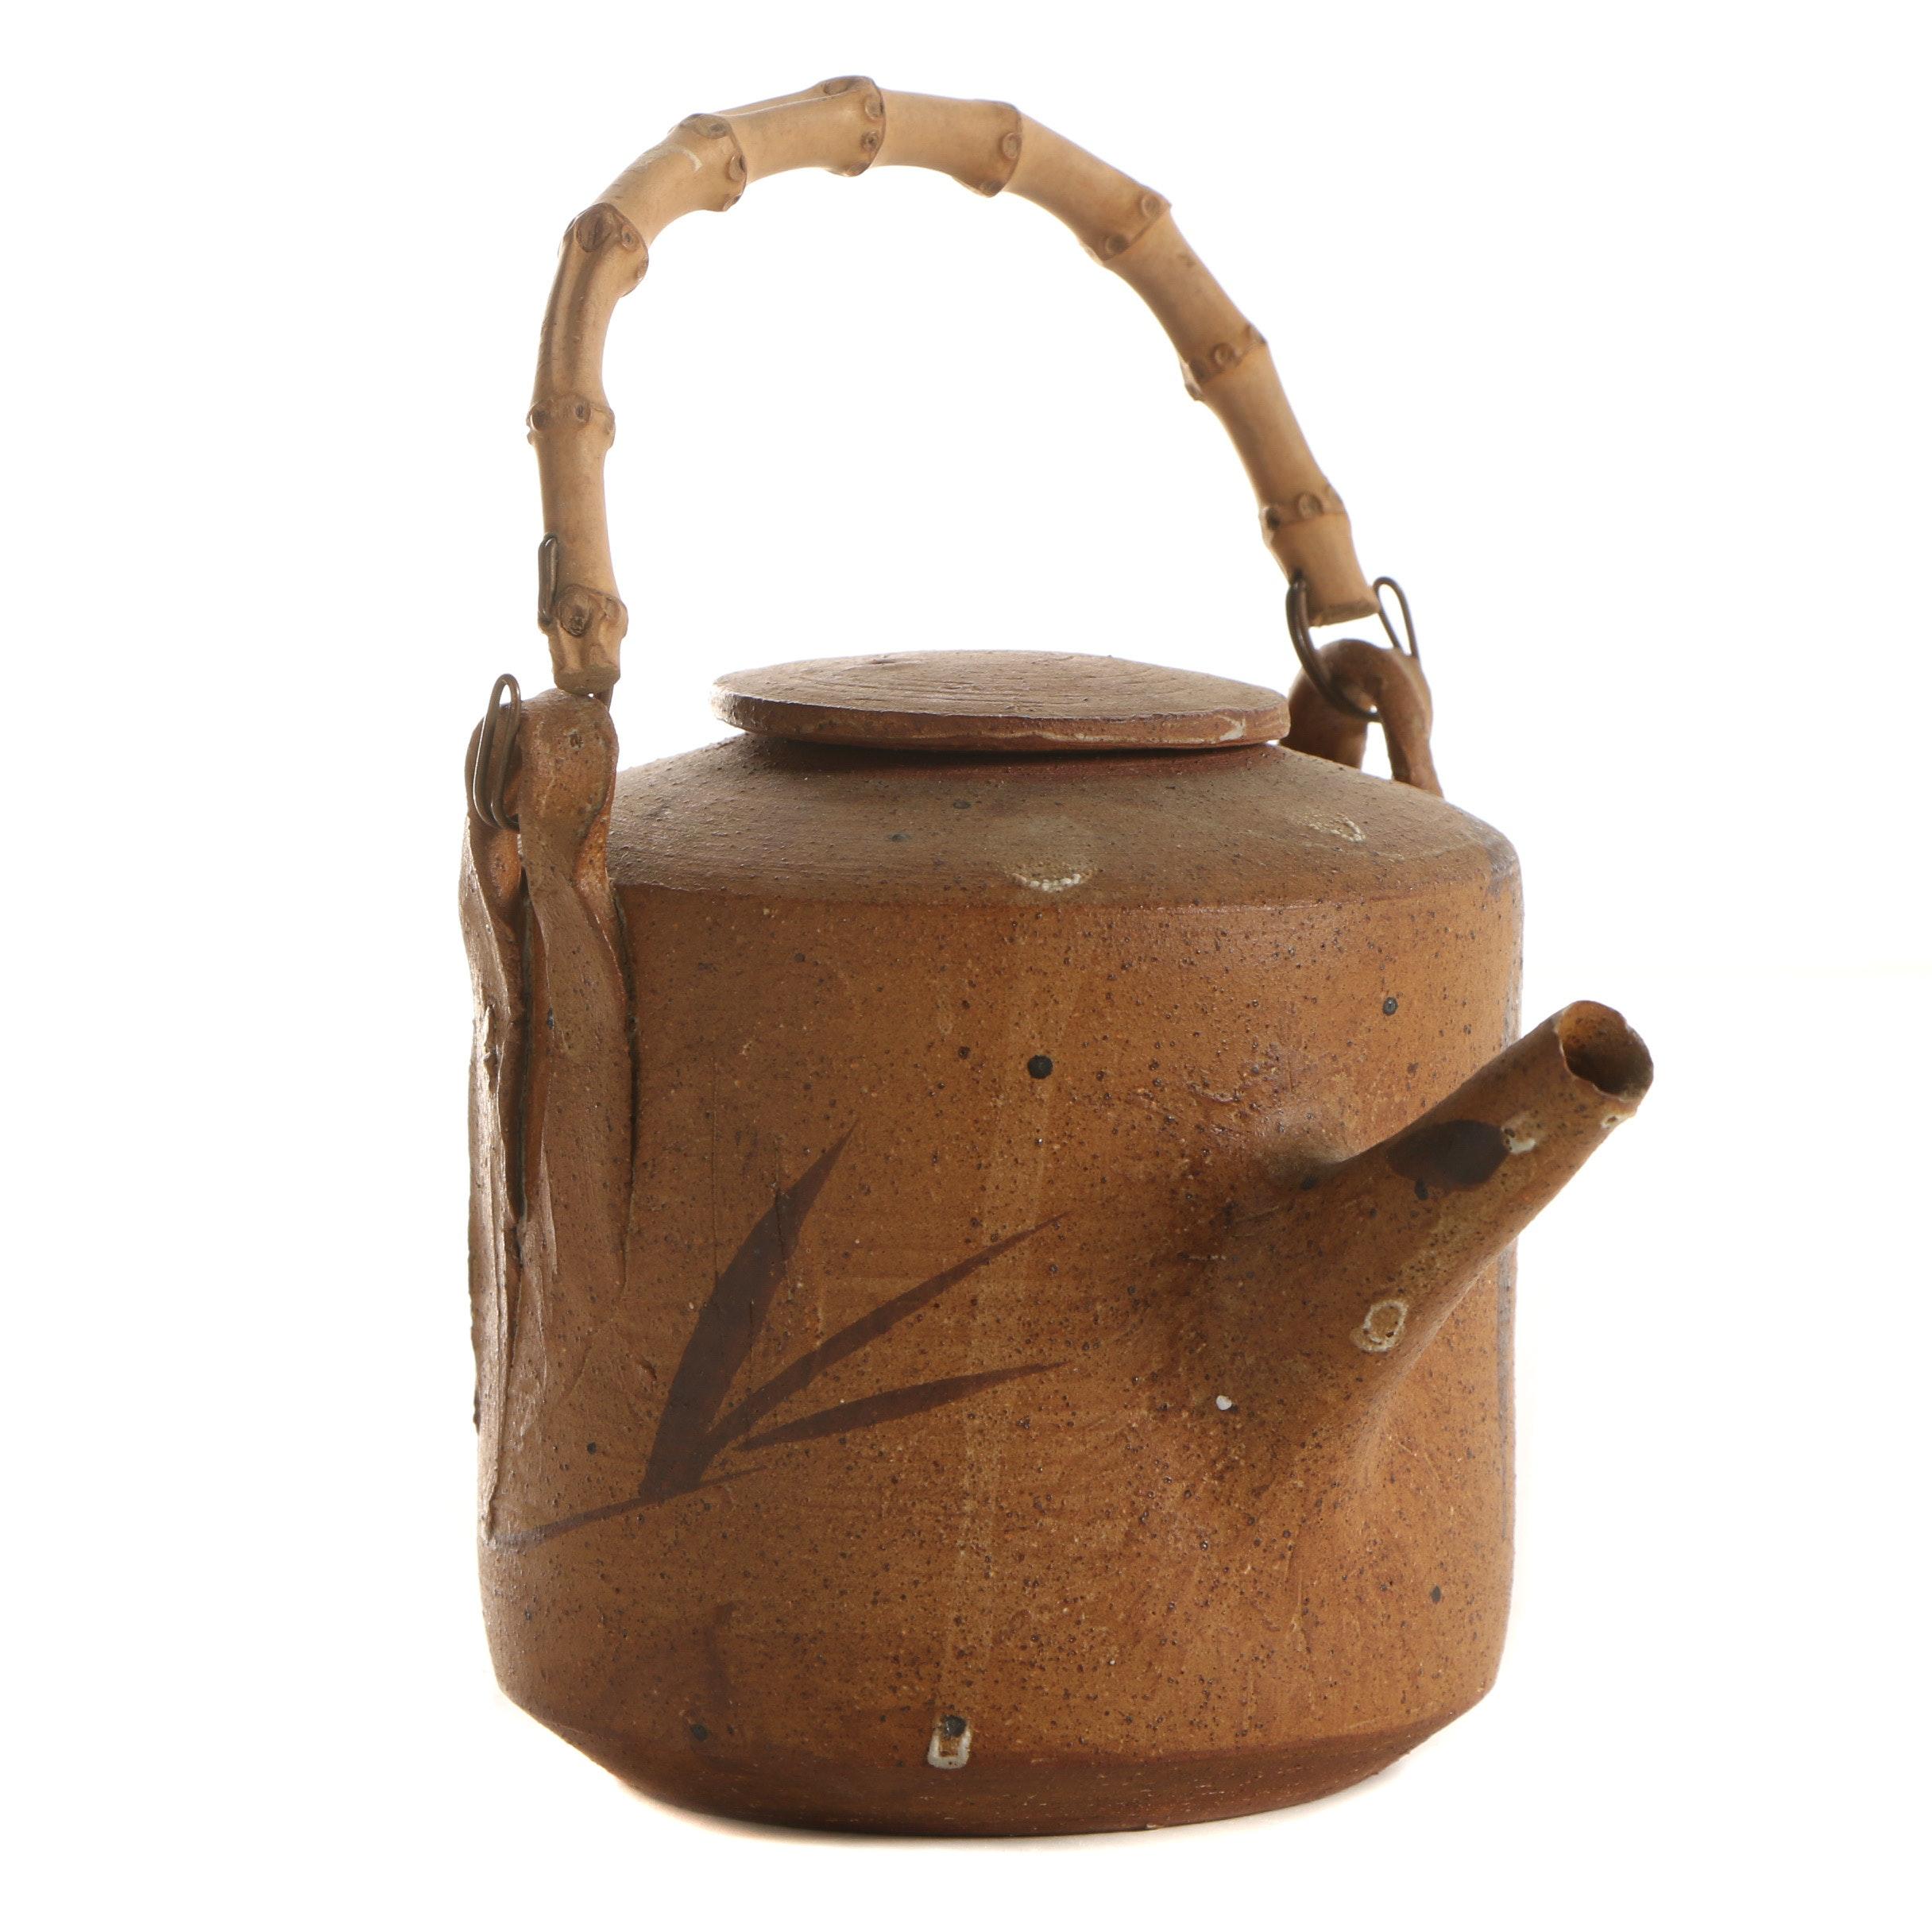 John Tuska Stoneware Teapot